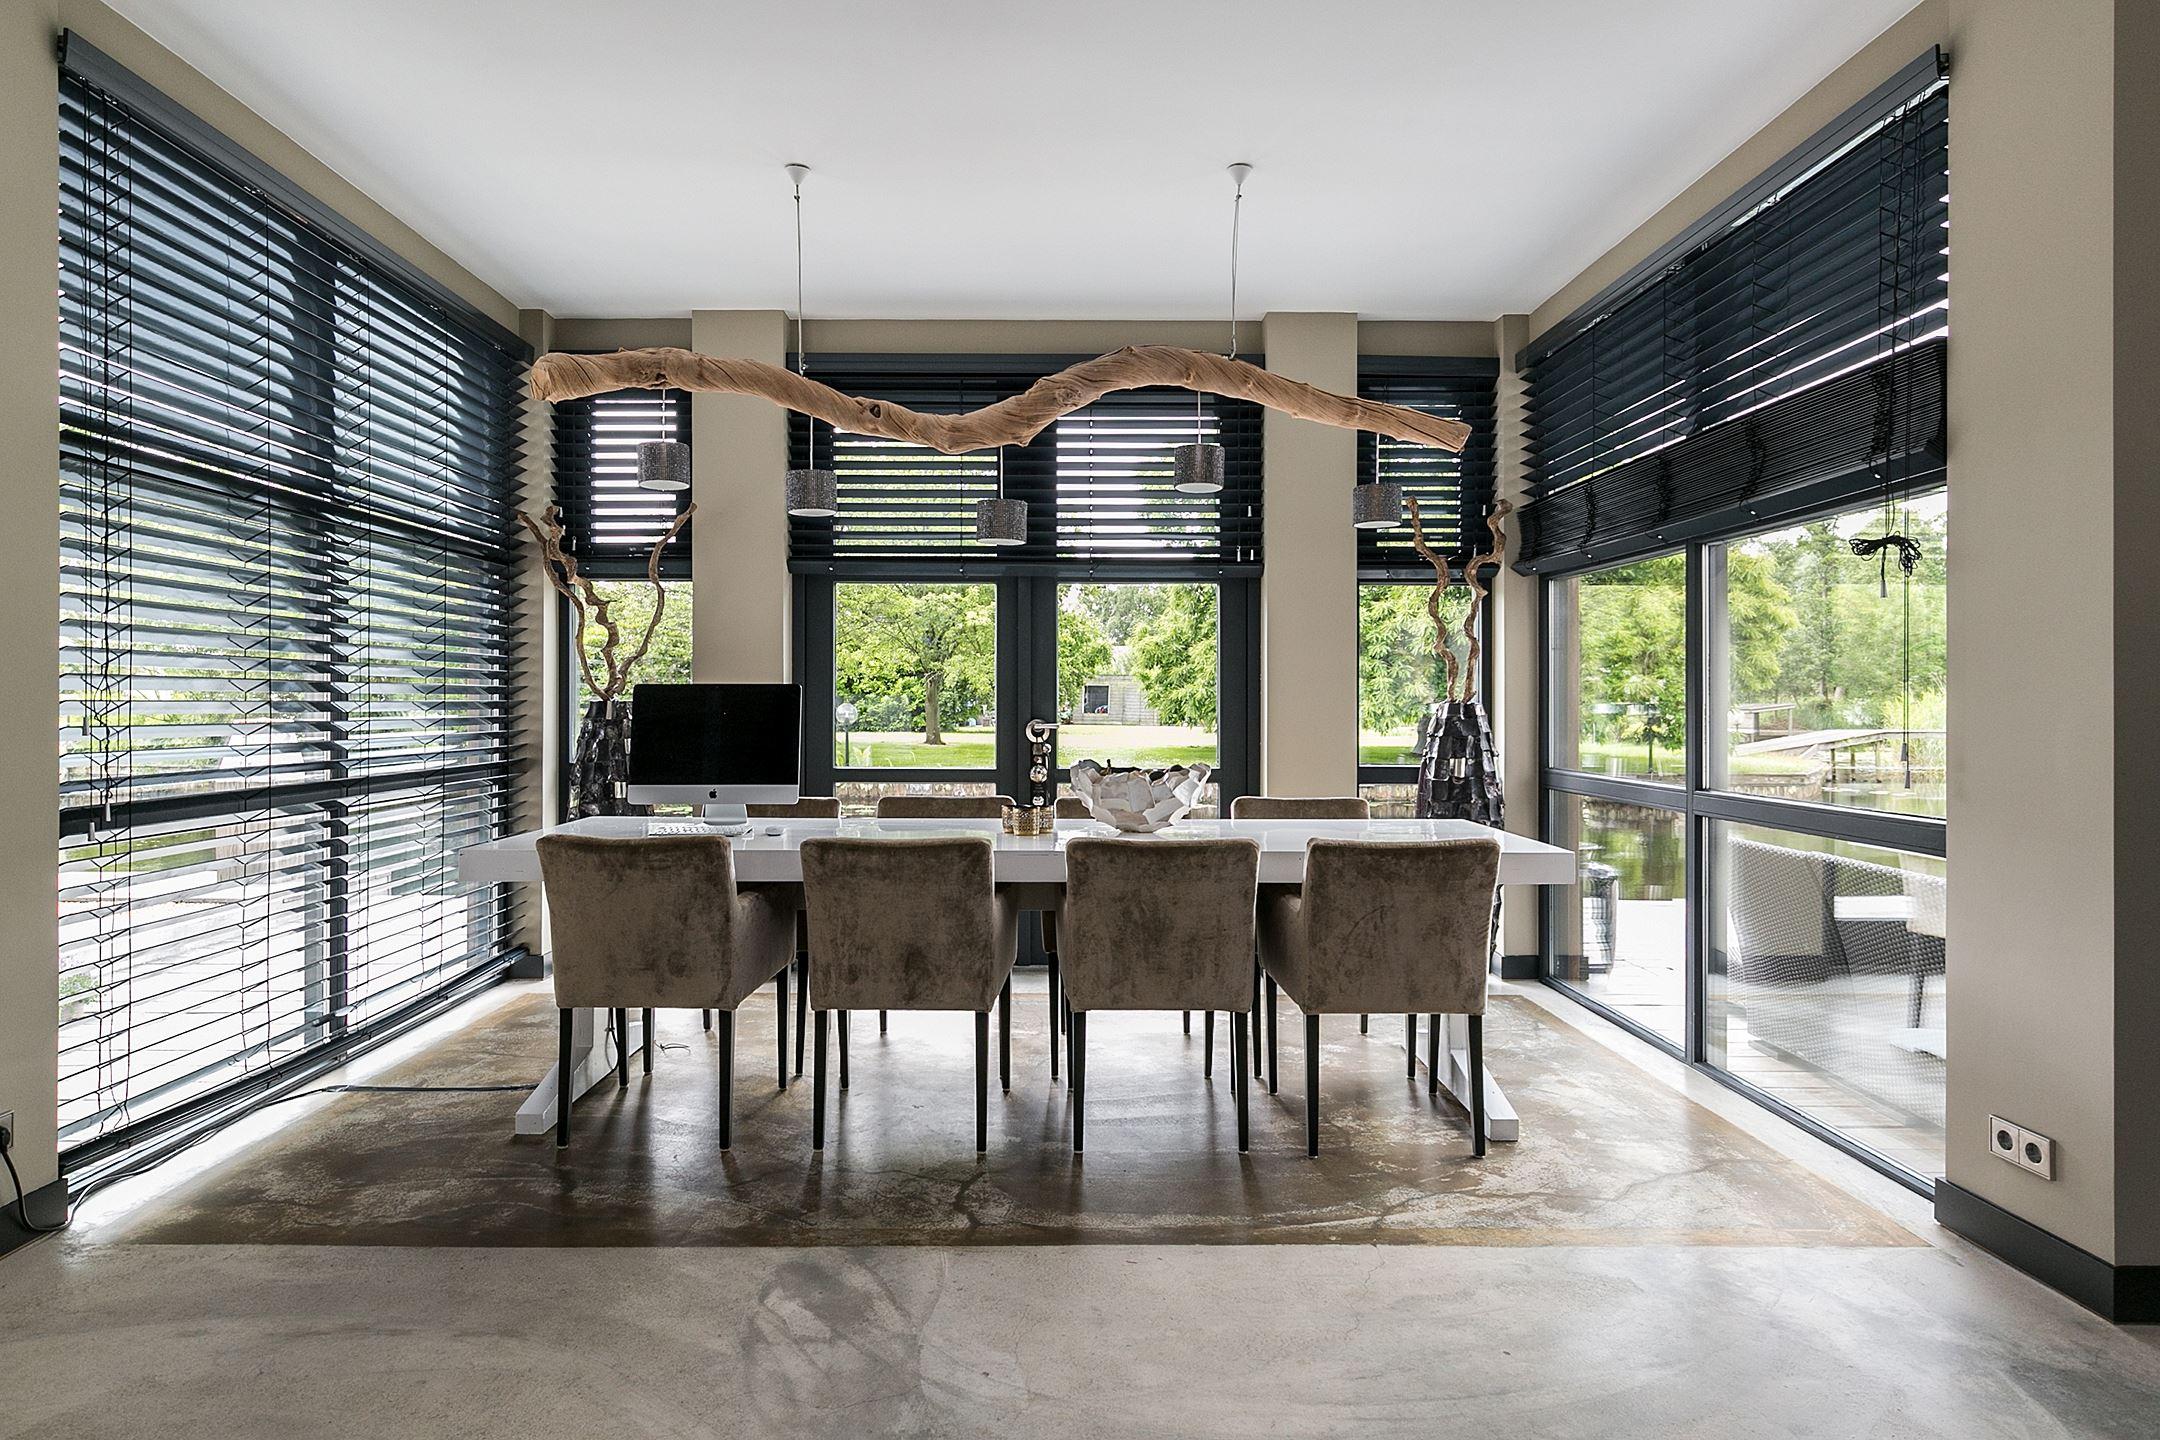 панорамное остекление столовая стол стулья окна жалюзи